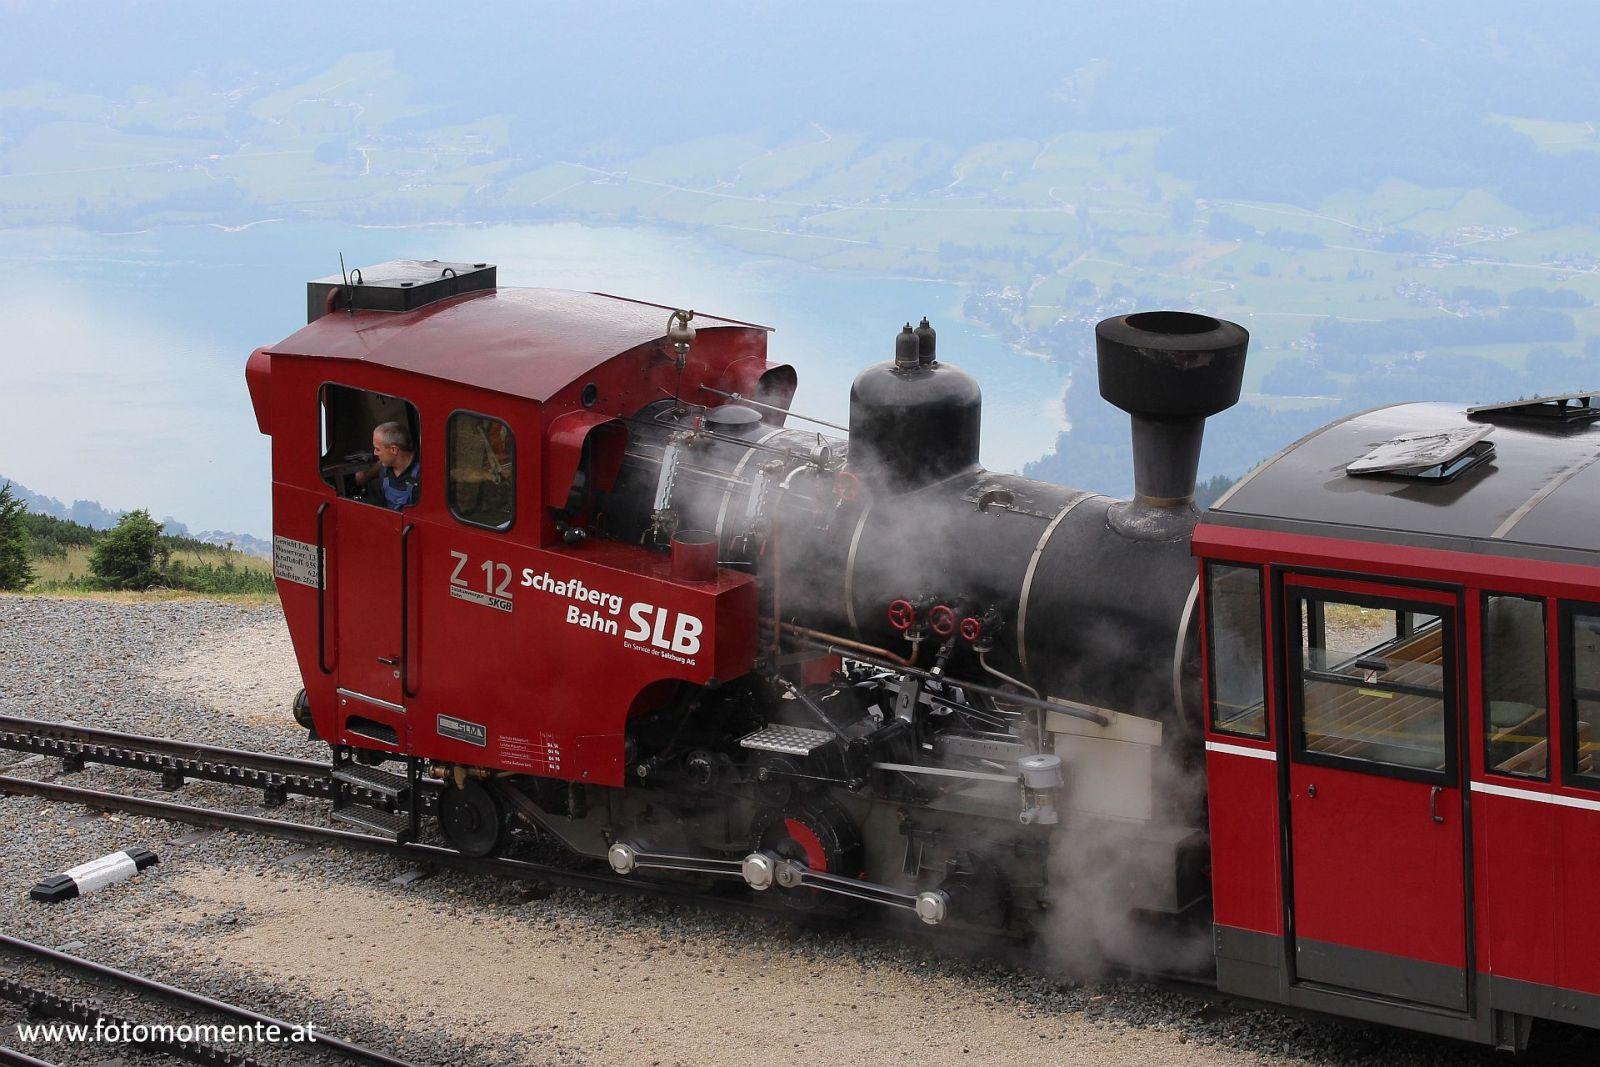 Schafbergbahn SLB am Schafberg naehe Wolfgangsee - Schafbergbahn-SLB am Schafberg nähe Wolfgangsee